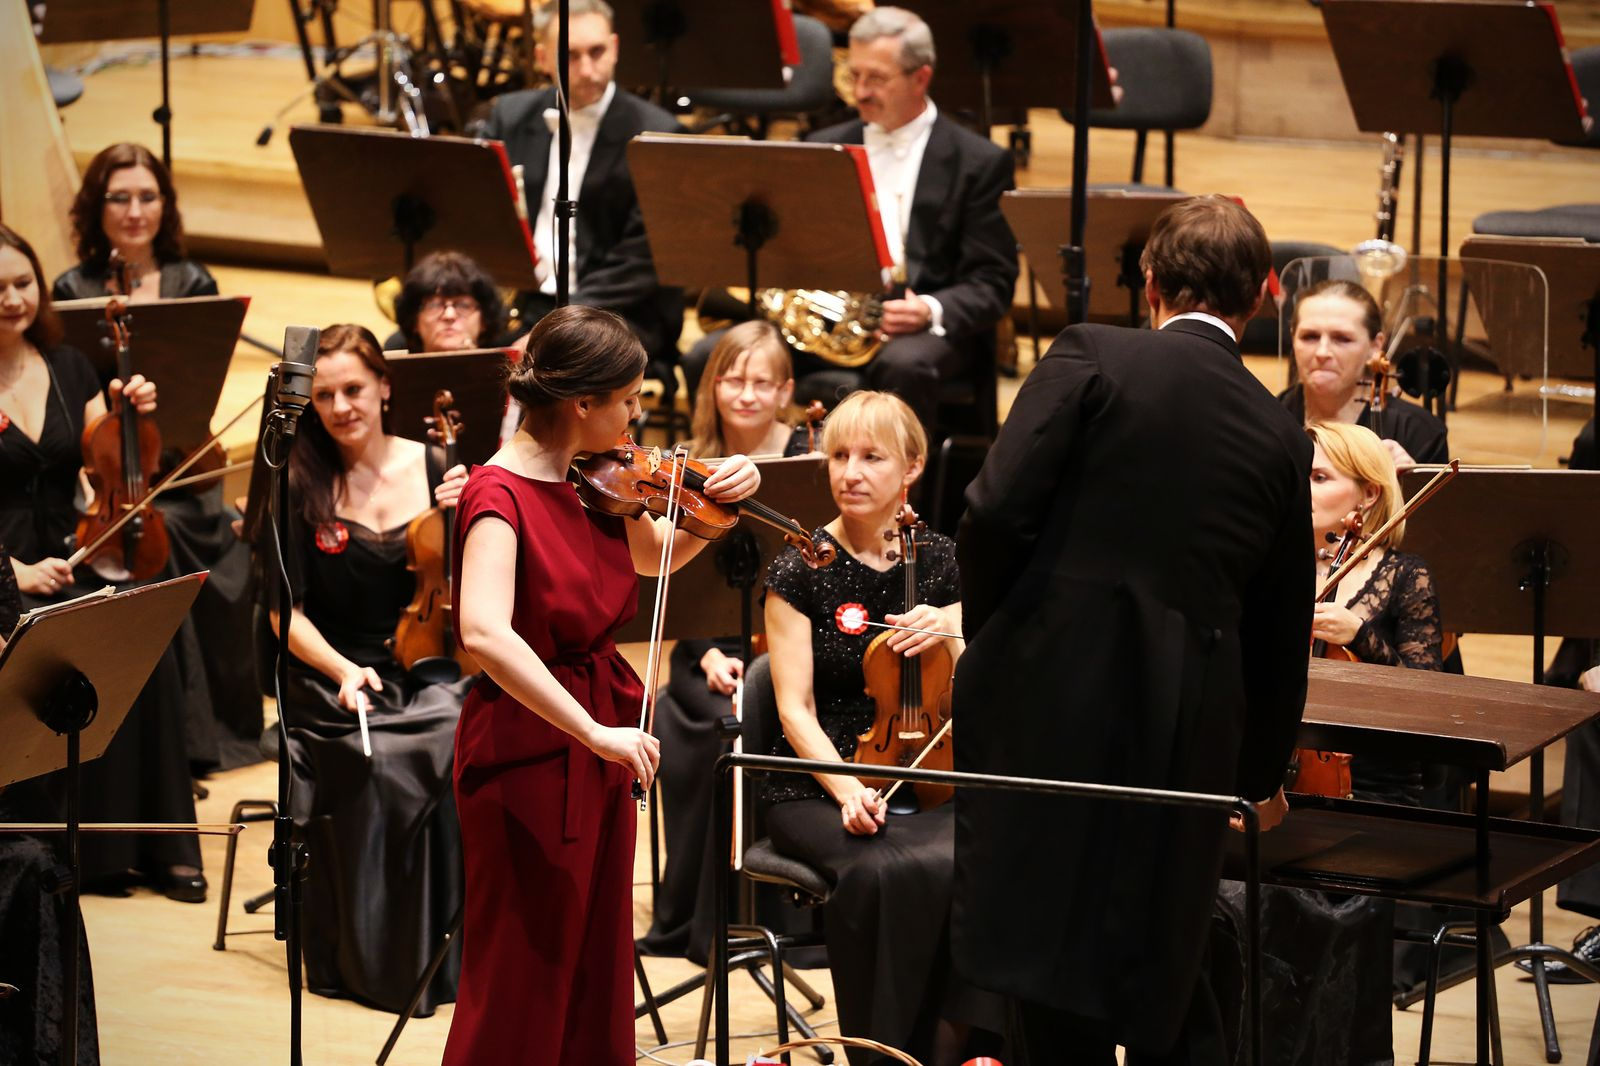 Nagroda Filharmonii Opolskiej – koncert Marii Włoszczowskiej w Opolu (11.11.2016)